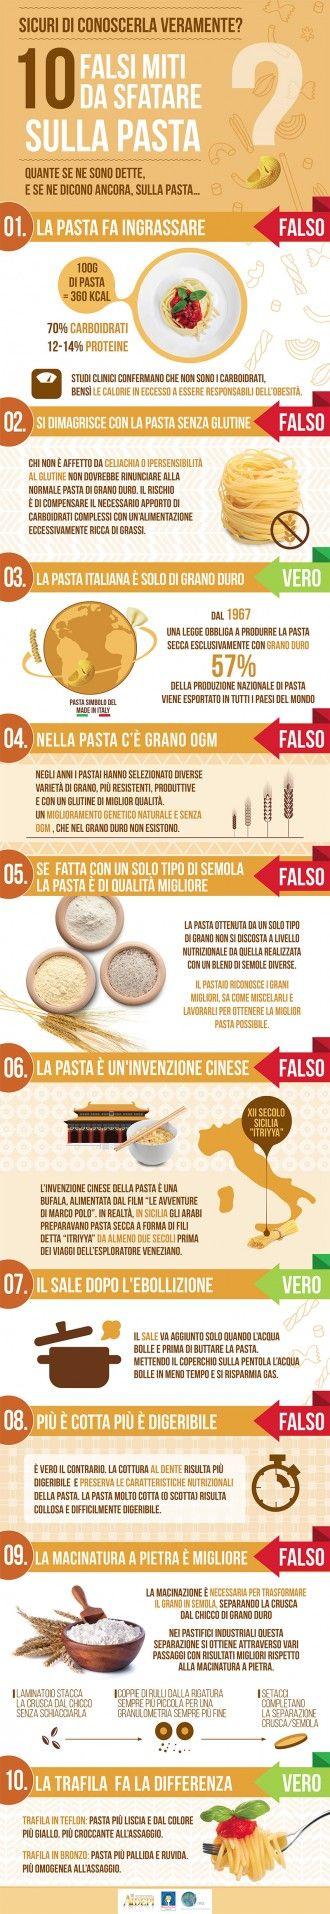 Infografie sulla pasta